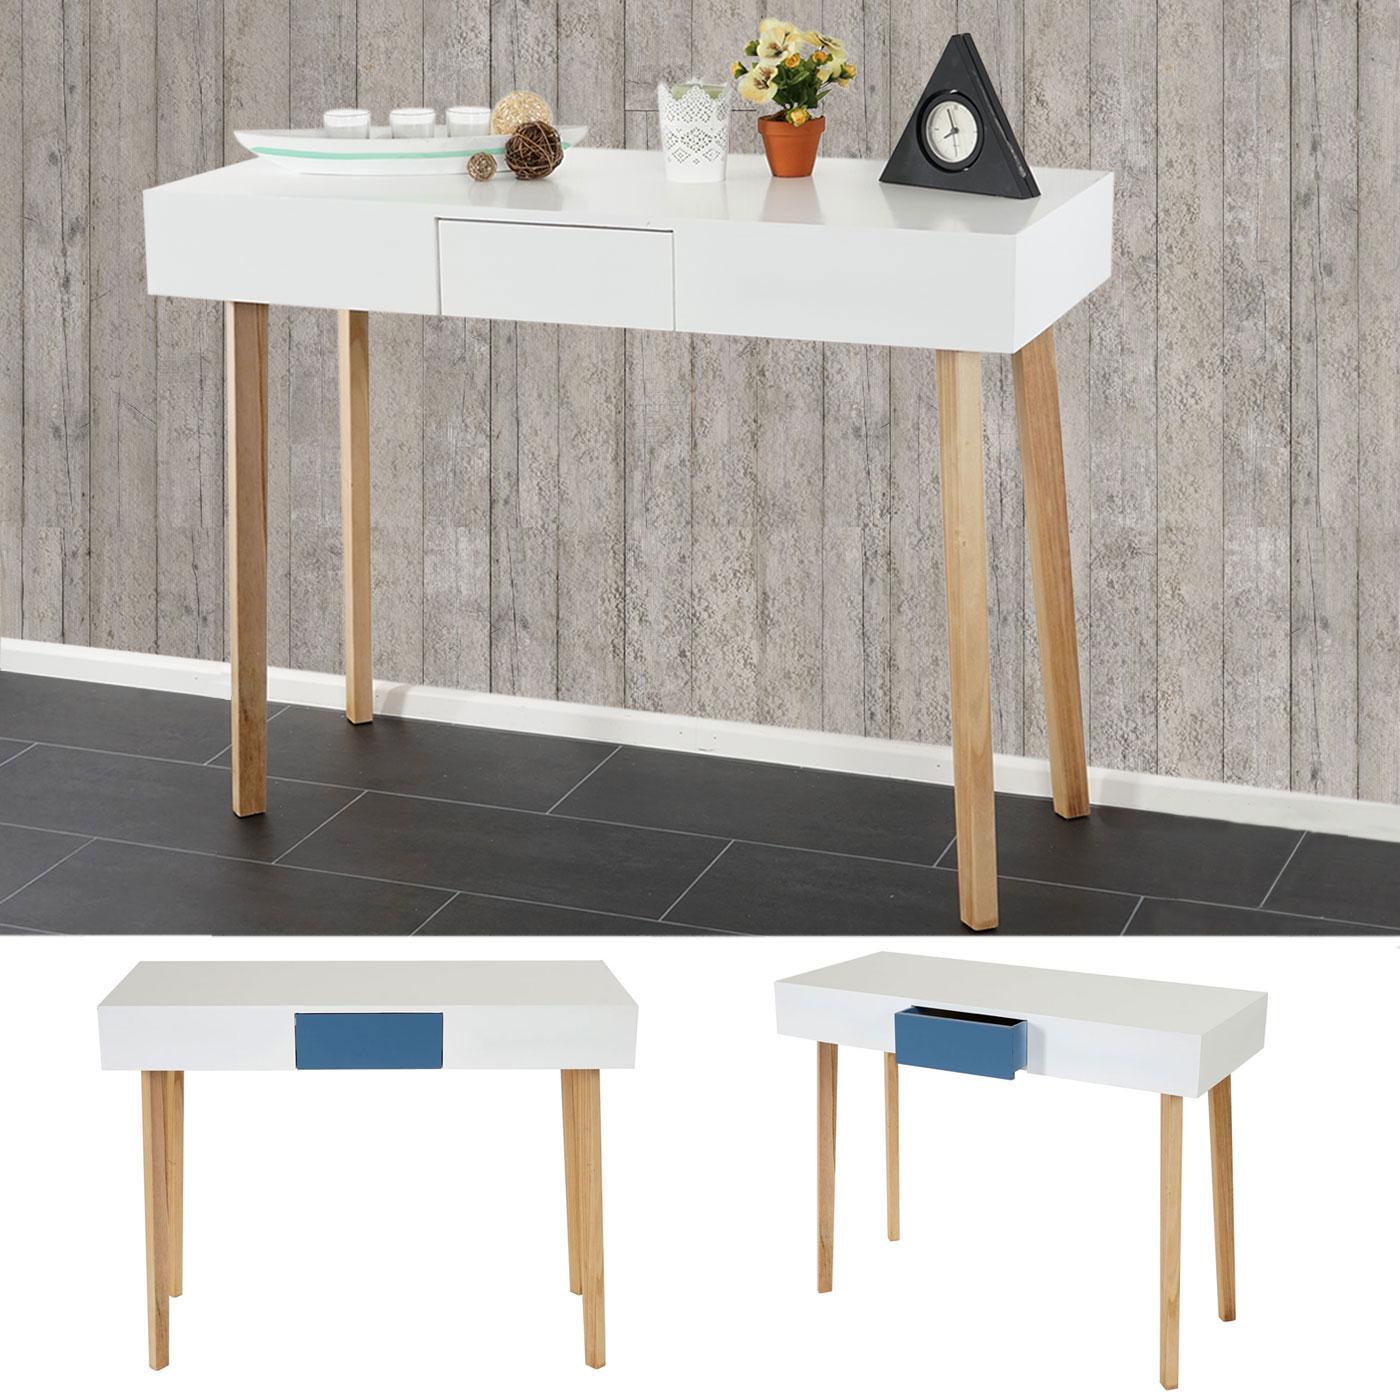 kommode malm t268 beistelltisch schrank retro design 83x105x45cm blau wei ebay. Black Bedroom Furniture Sets. Home Design Ideas